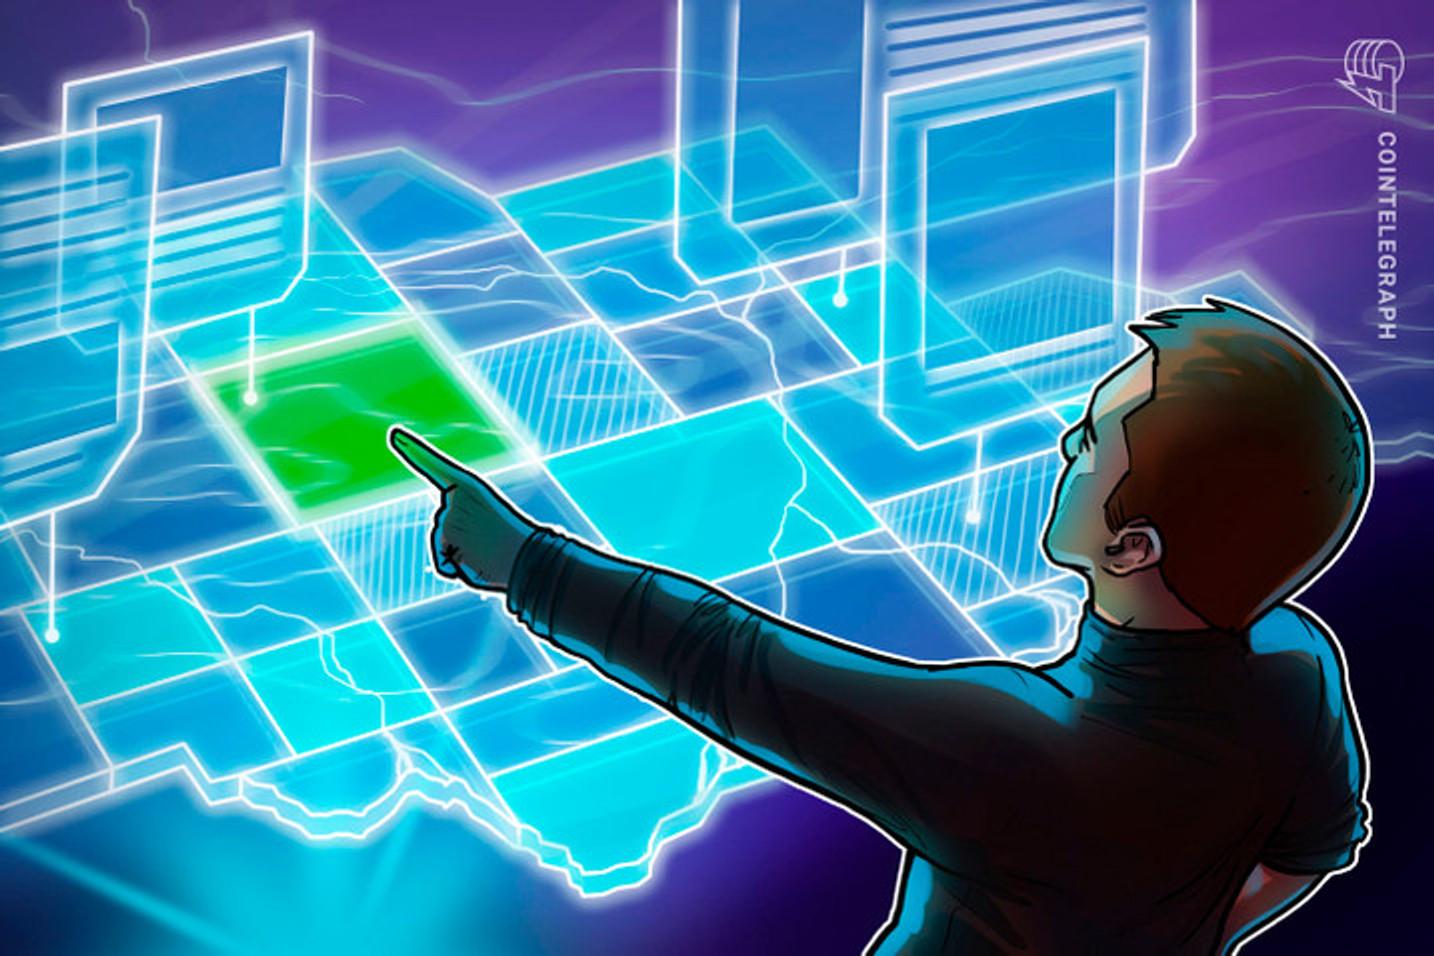 Empresa compra imóvel virtual por 5 milhões de reais